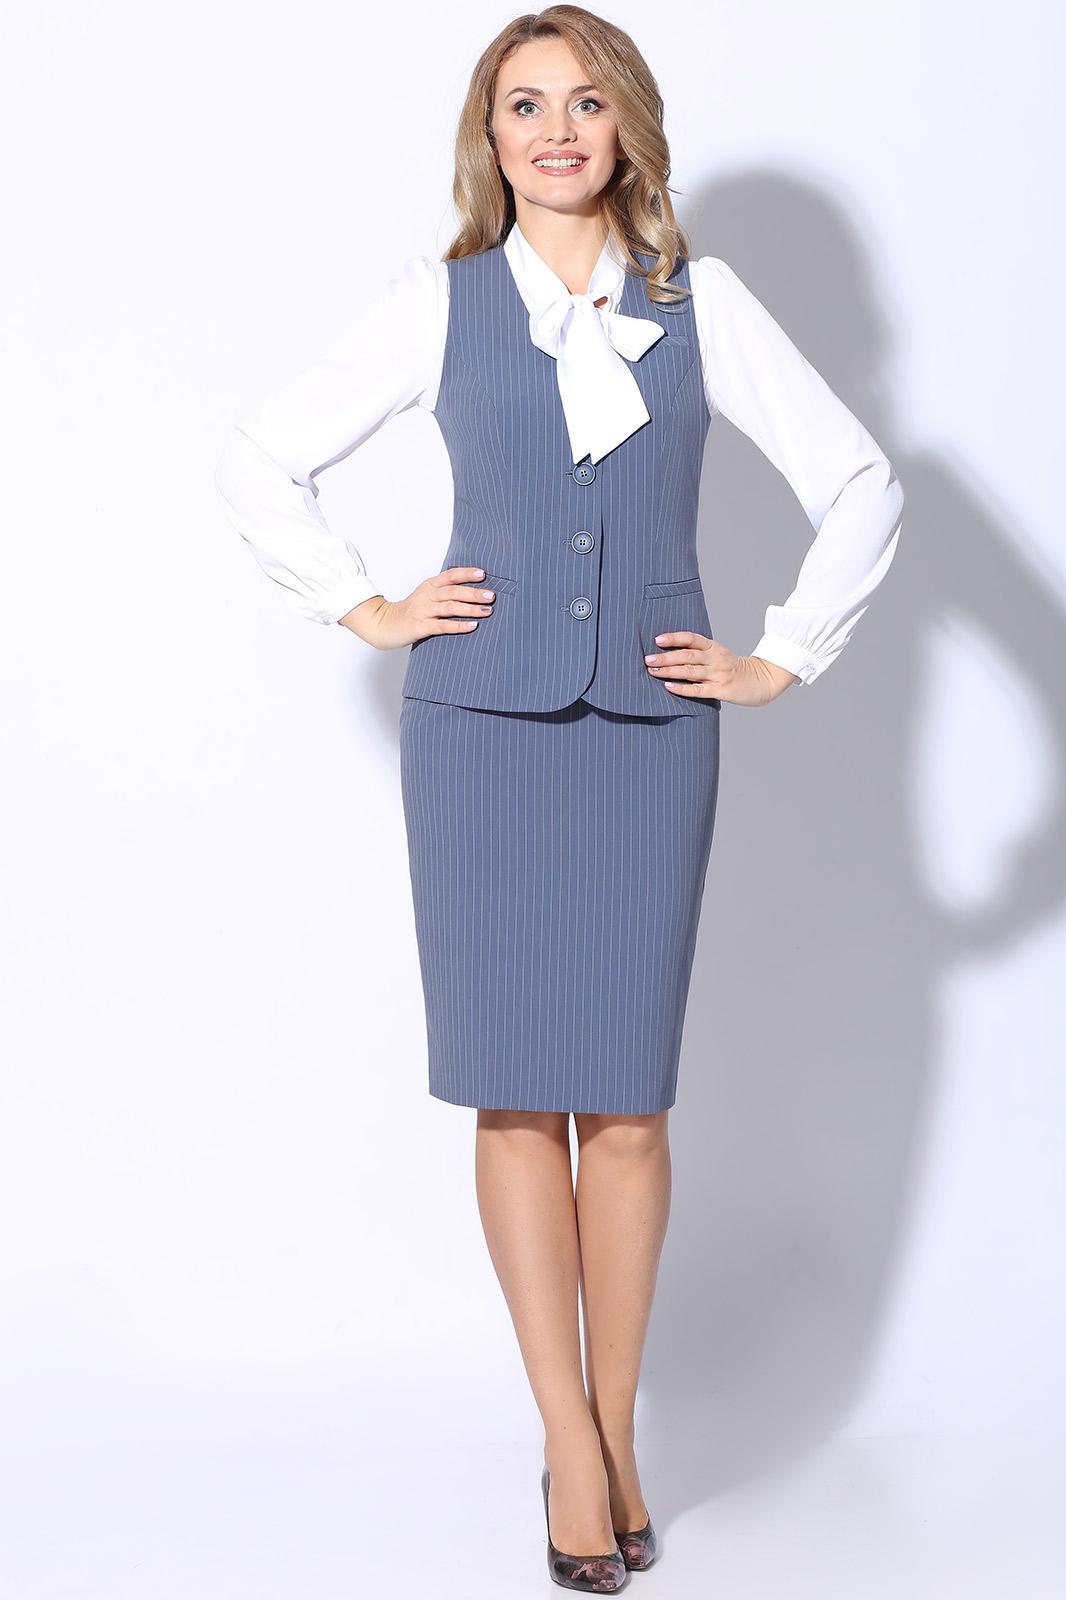 удивительно, костюм для офиса женский фото схемы хитроумные интриги